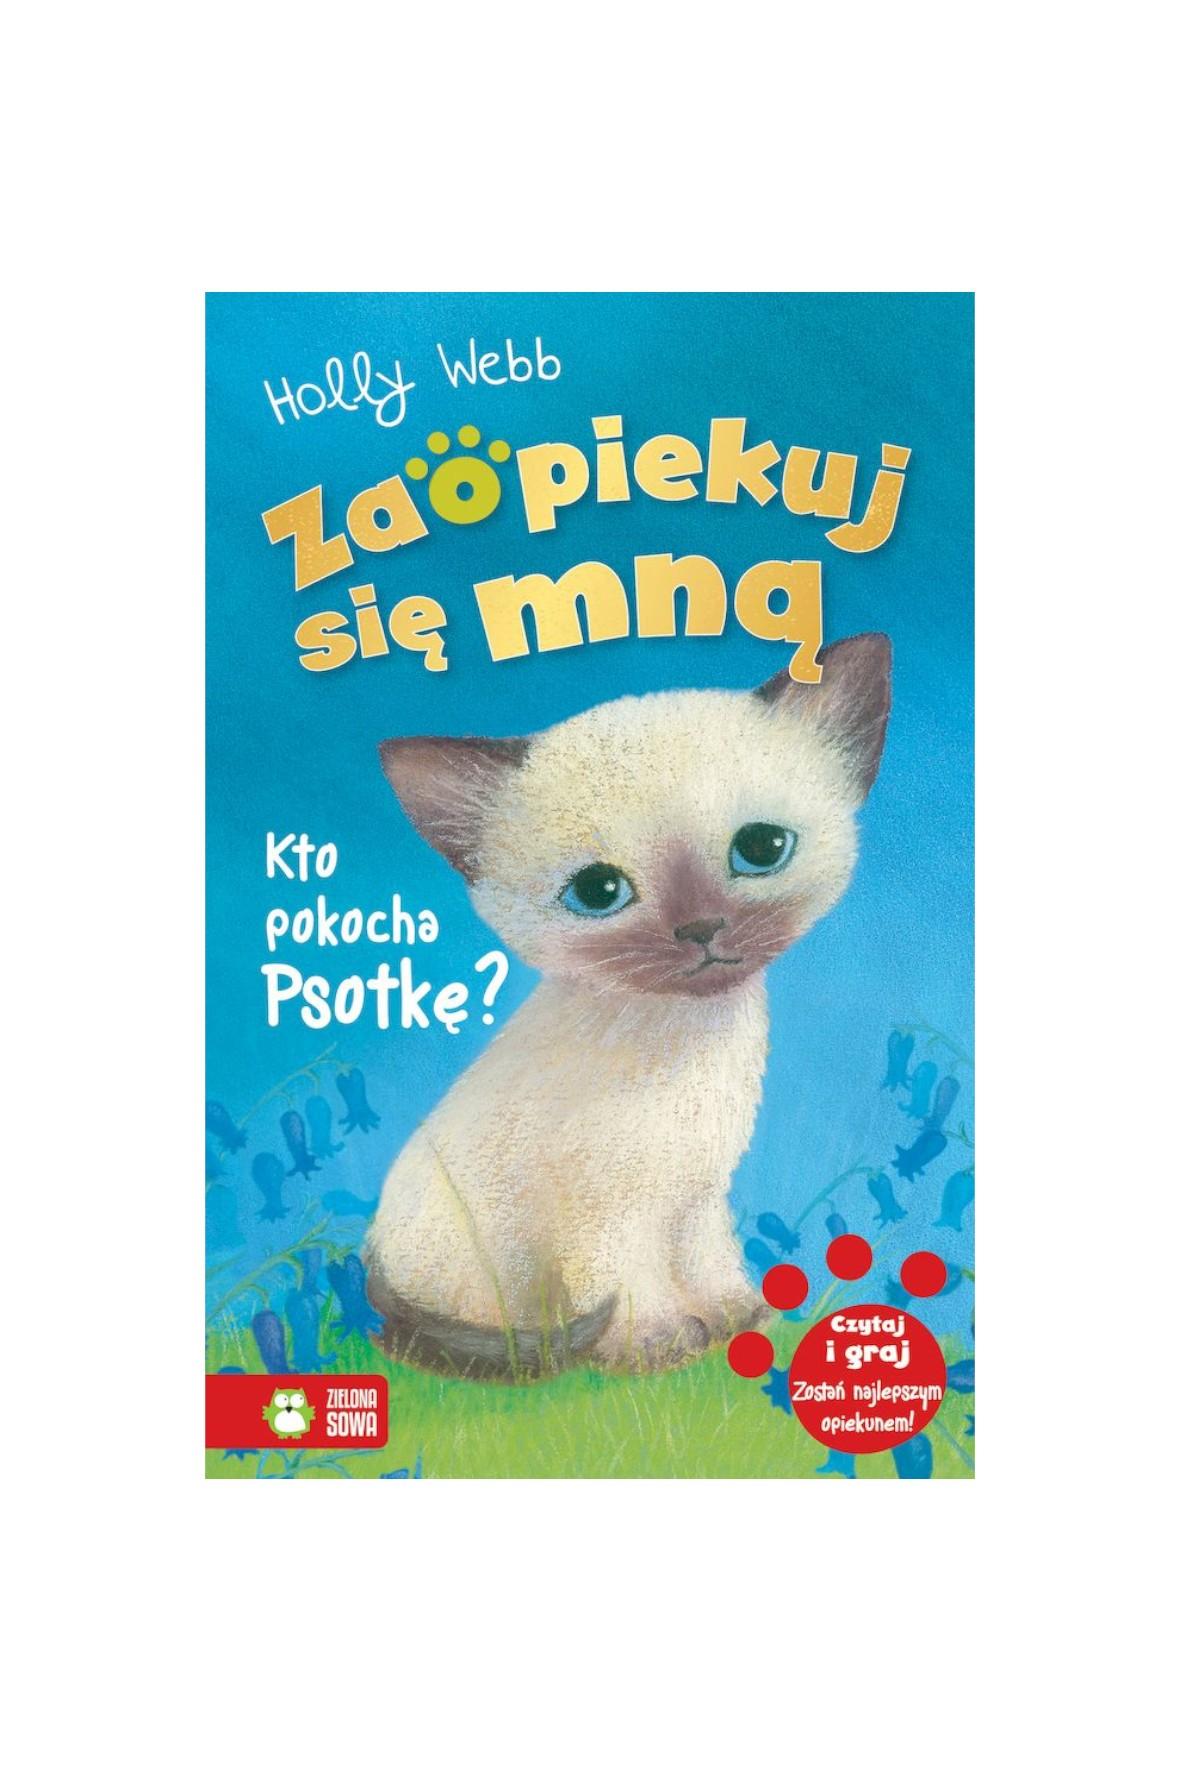 Książka dla dzieci- Kto pokocha Psotkę? Zaopiekuj się mną wiek 6+